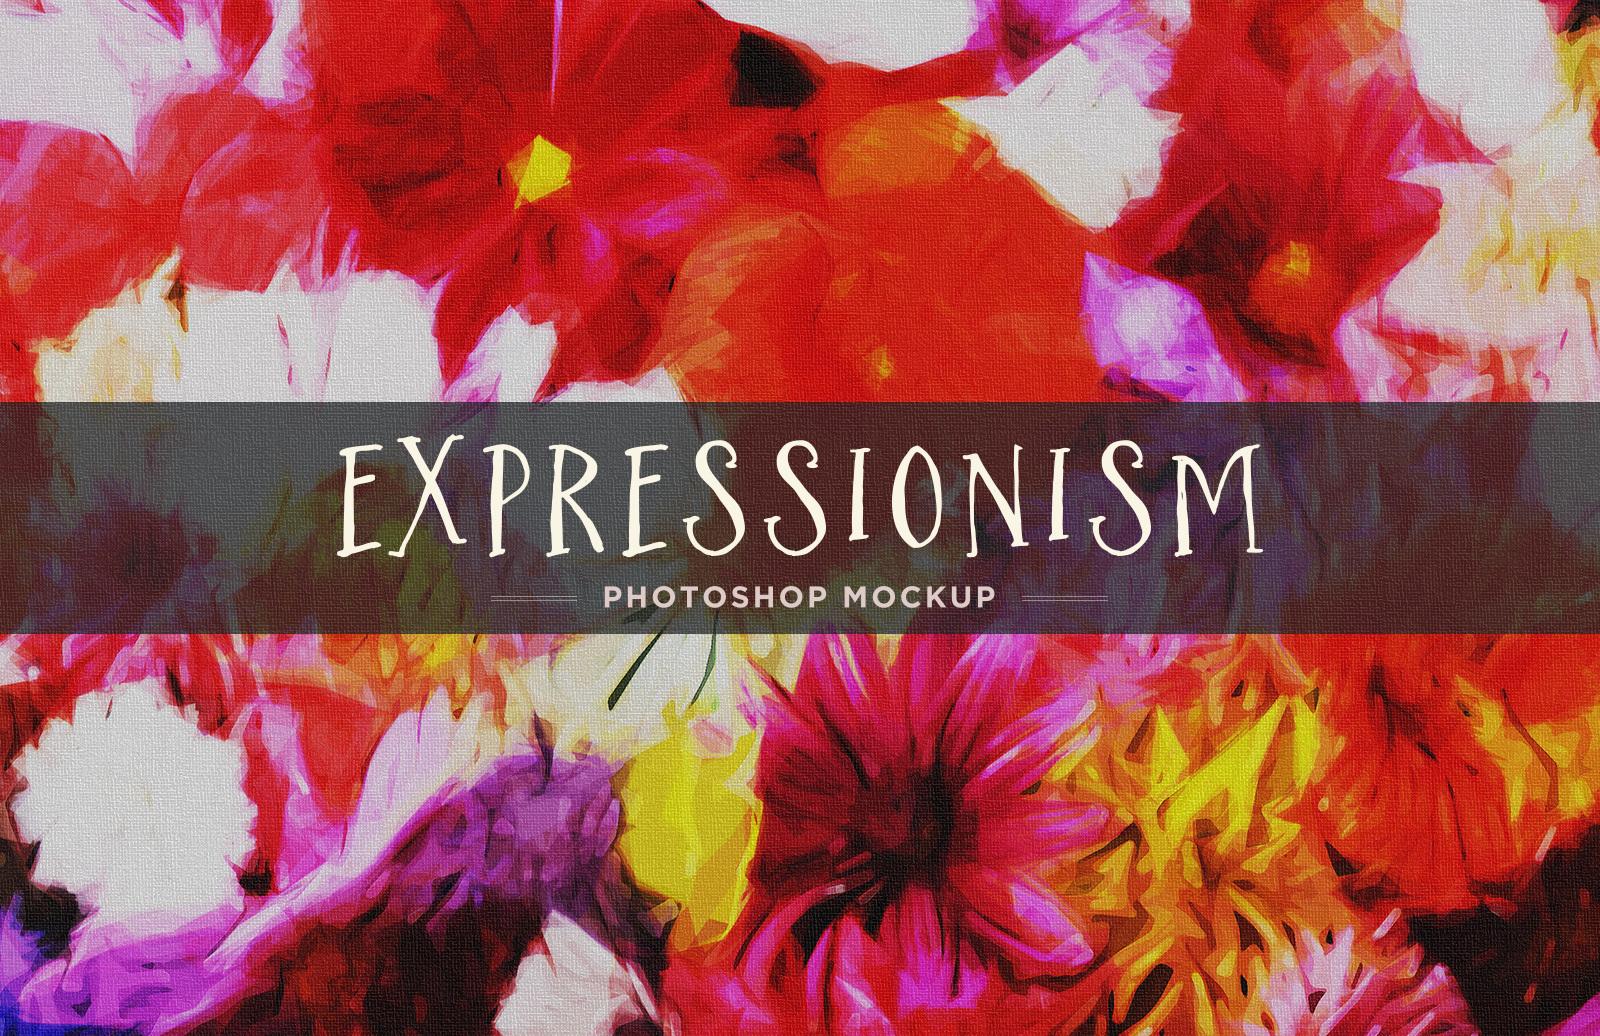 Expressionism - Photoshop Mockup